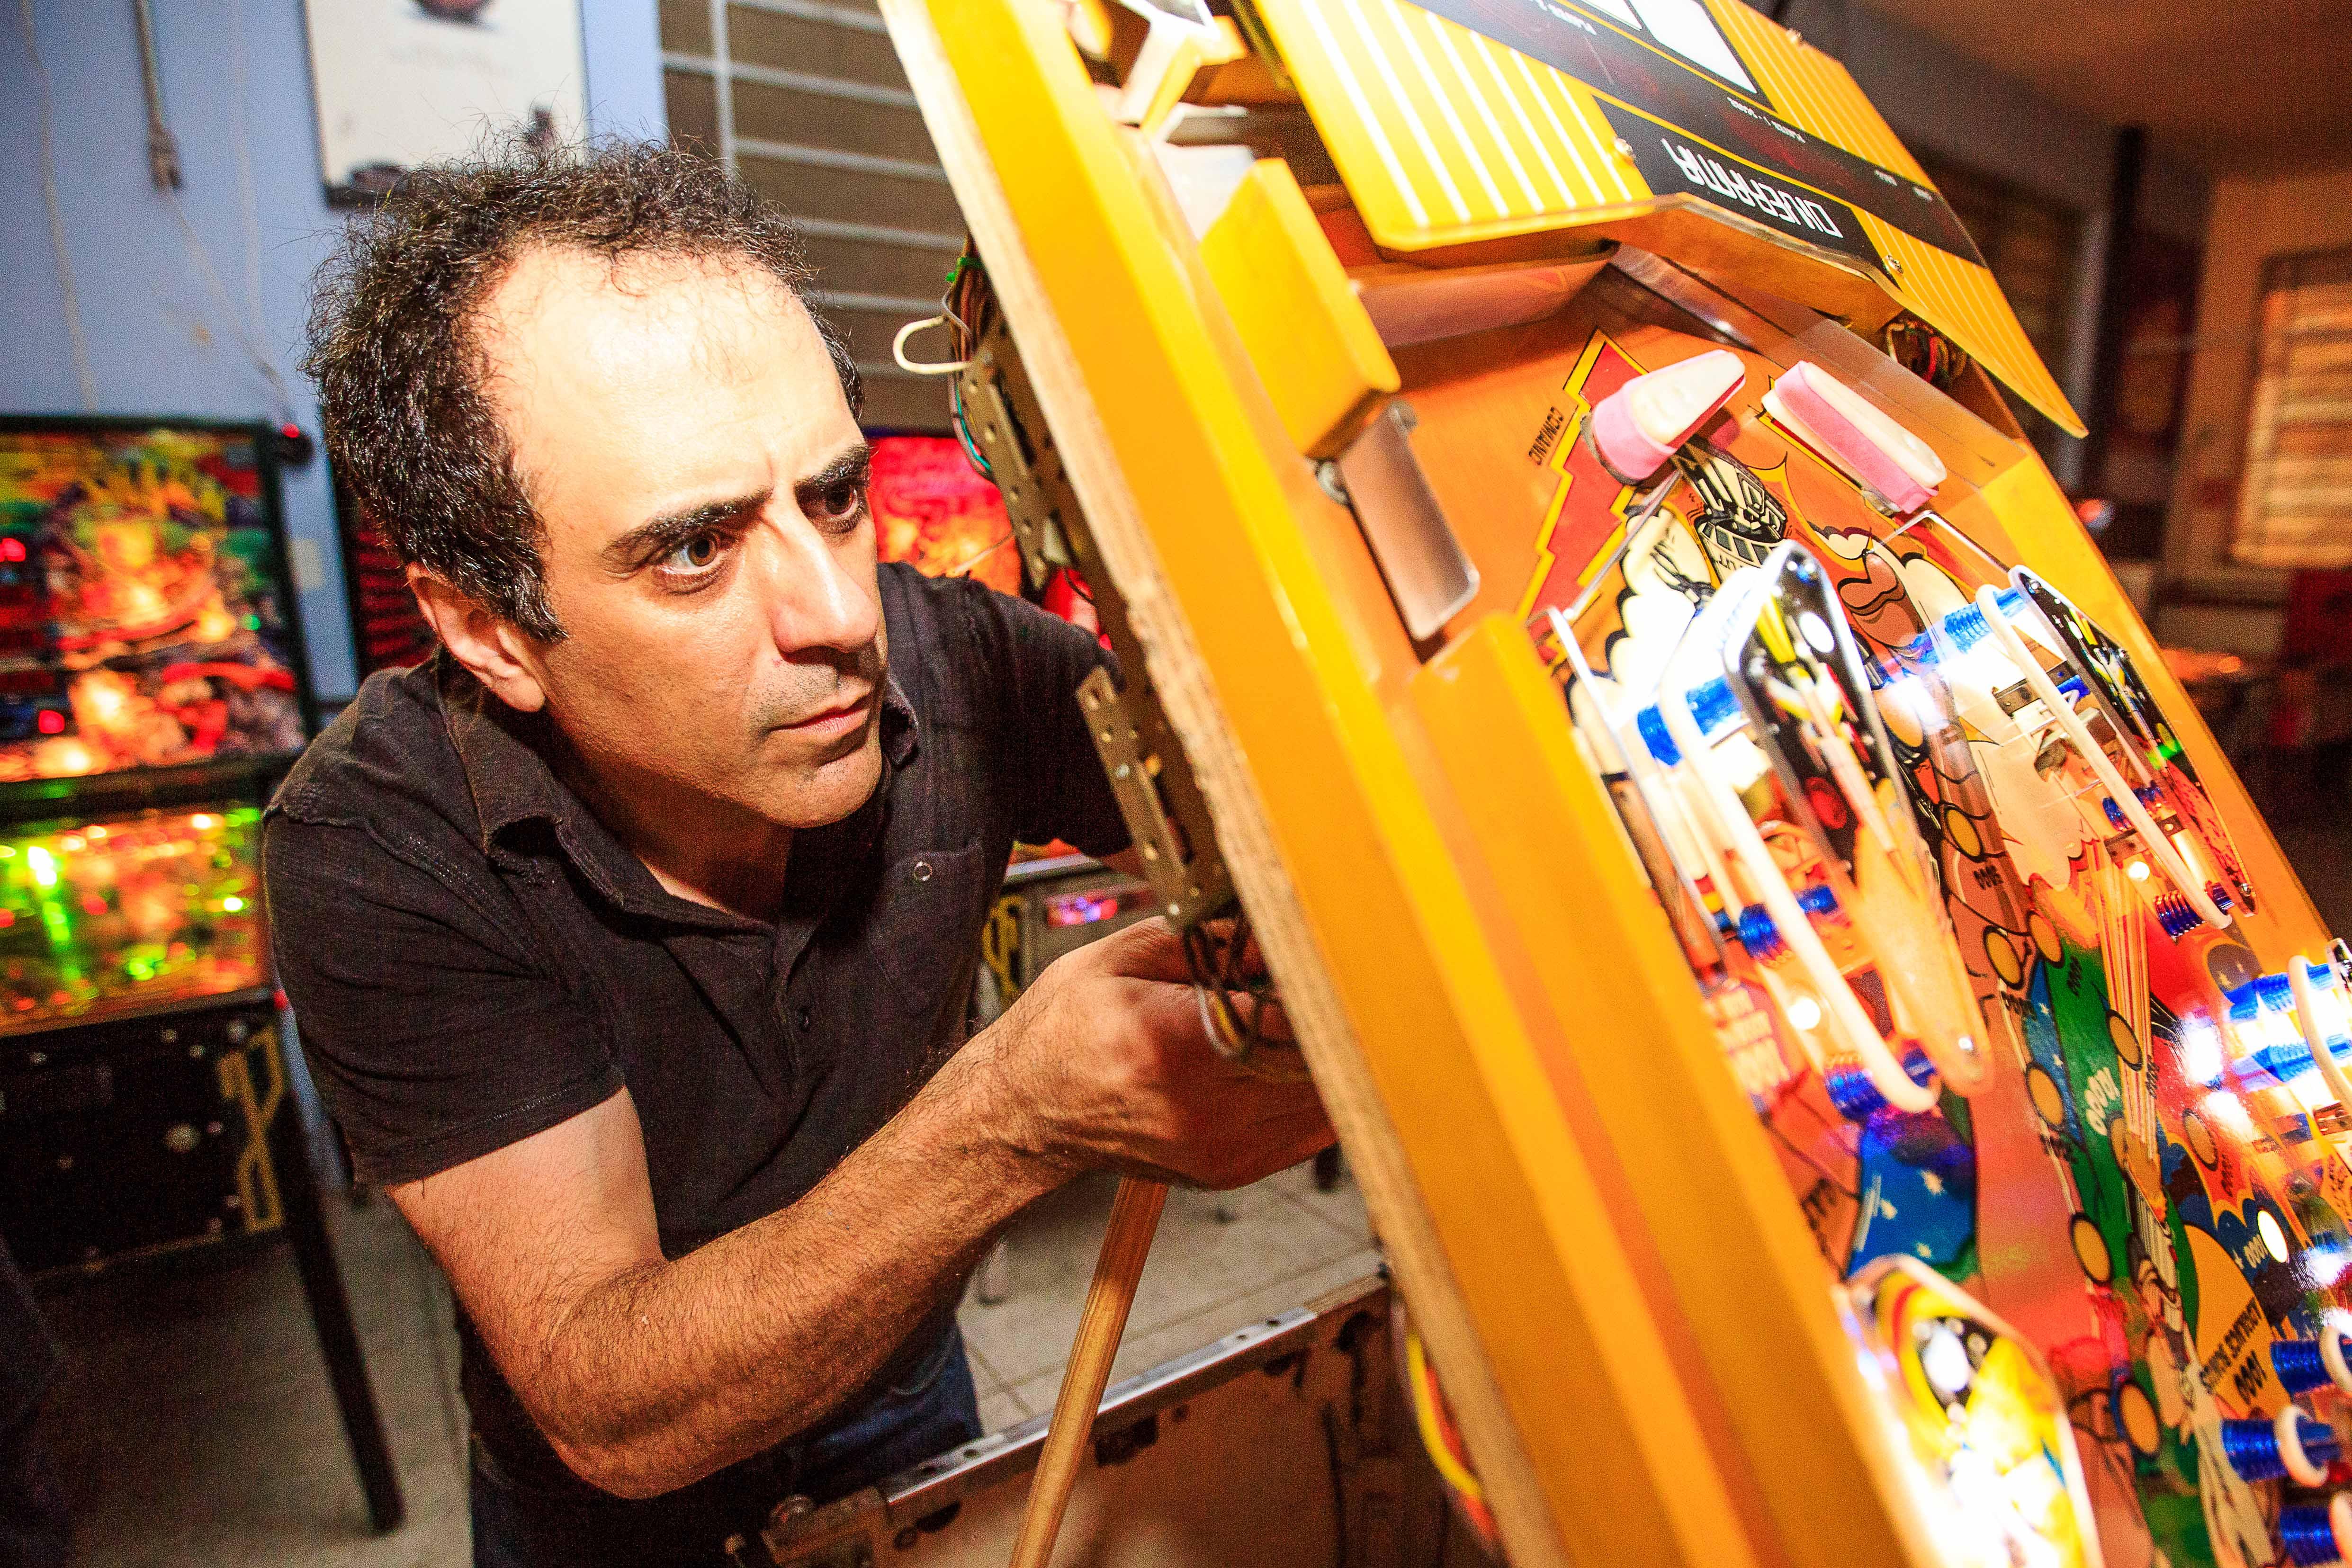 Nikolaos Mbakirtzis fuçando as entranhas de uma das máquinas. Crédito: Guilherme Santana